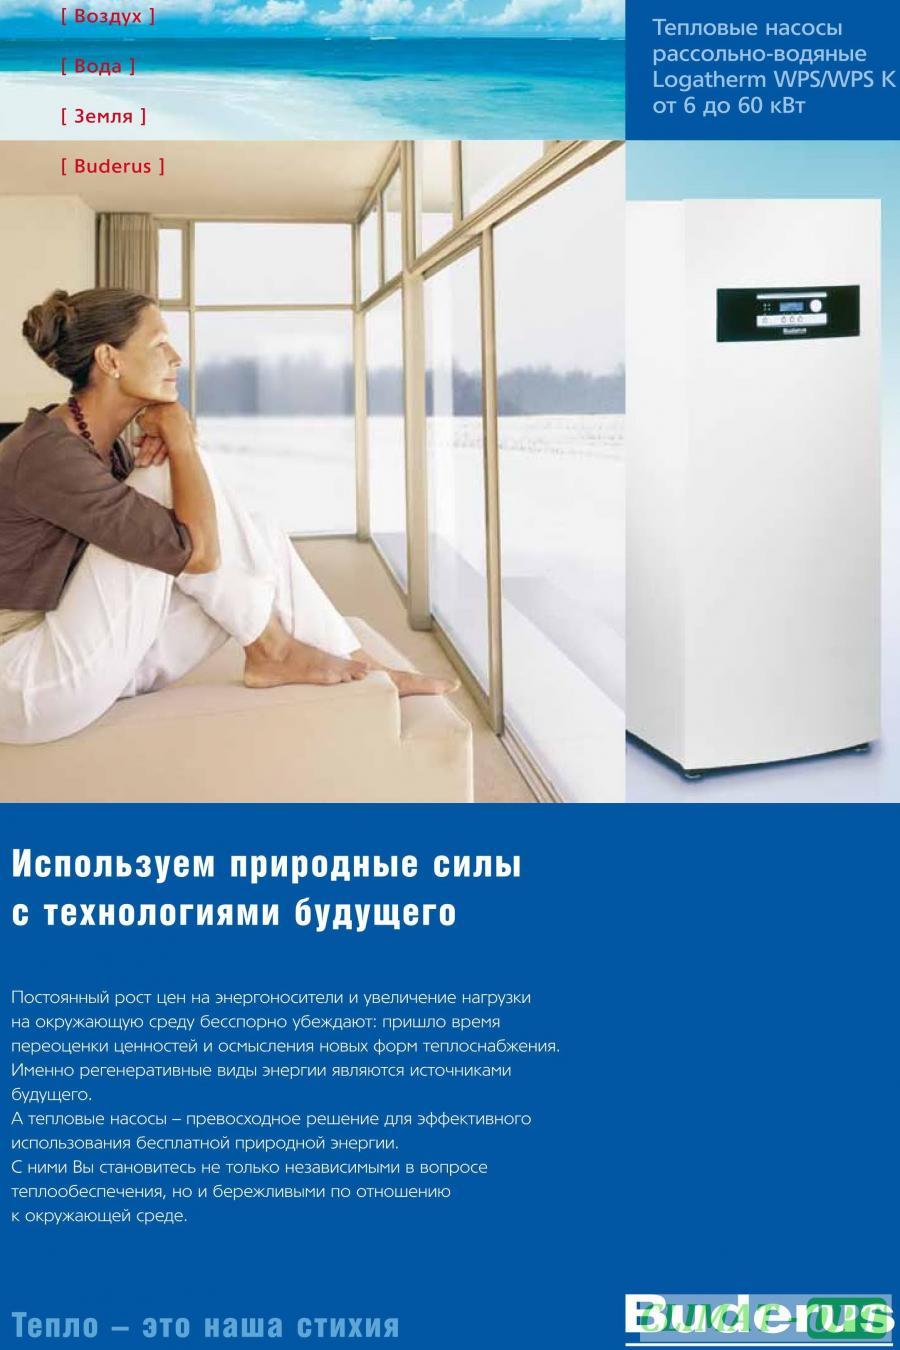 Рассольно-водяной тепловой насос Buderus Logatherm WPS